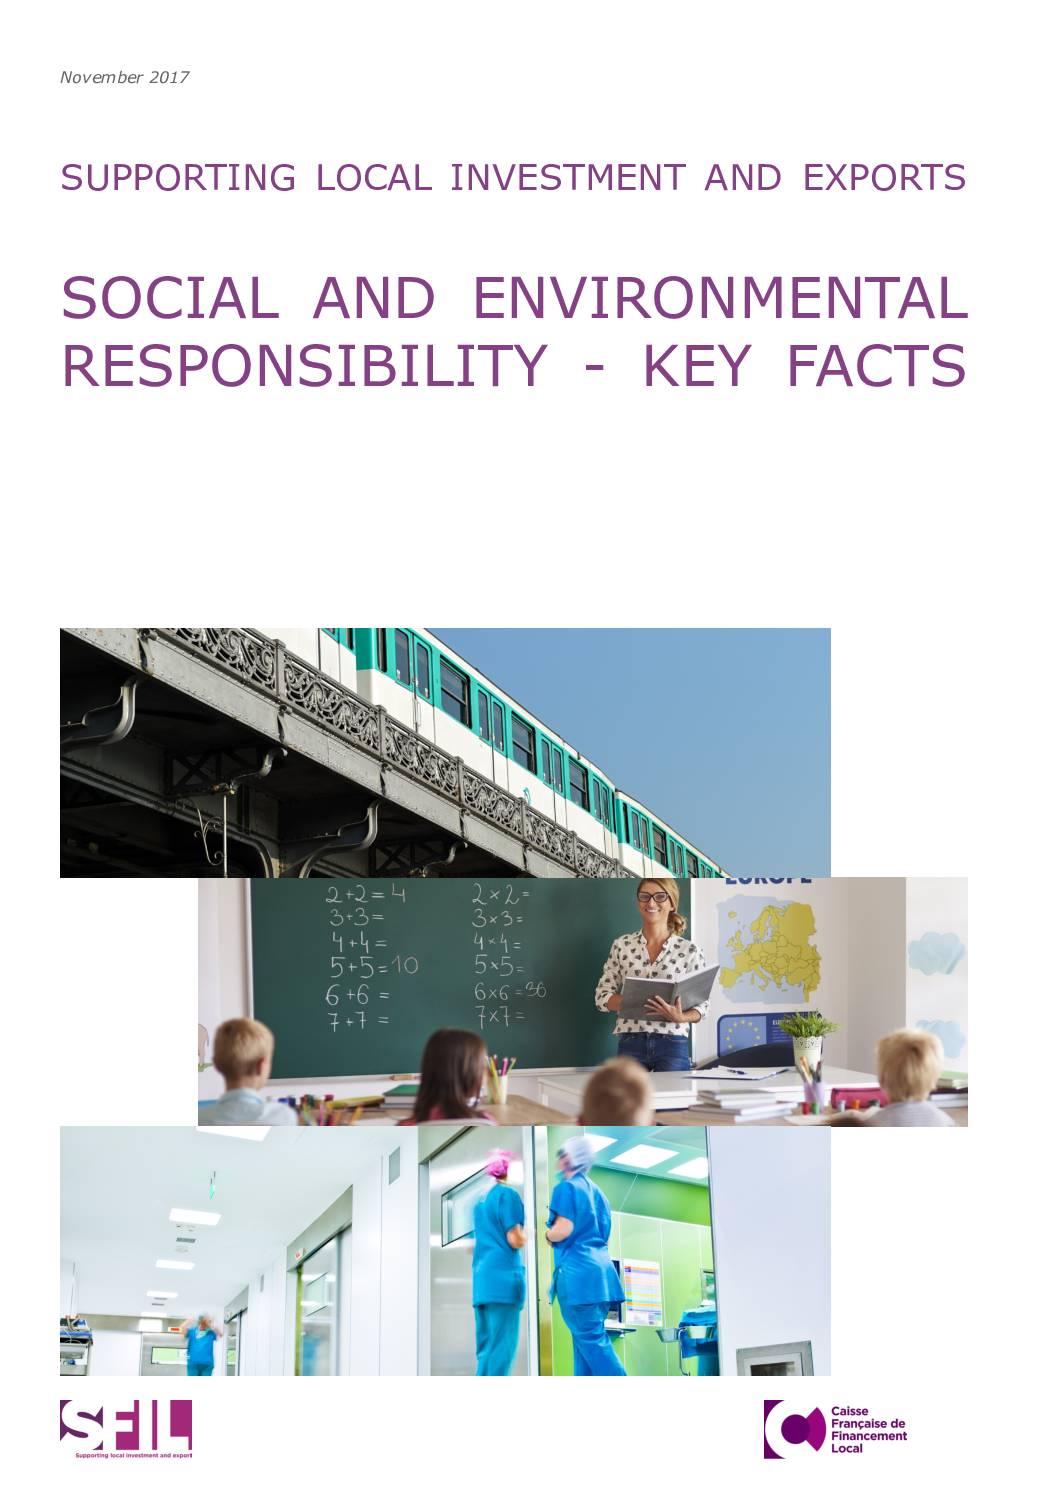 20171116 Social and Environmental Responsibility